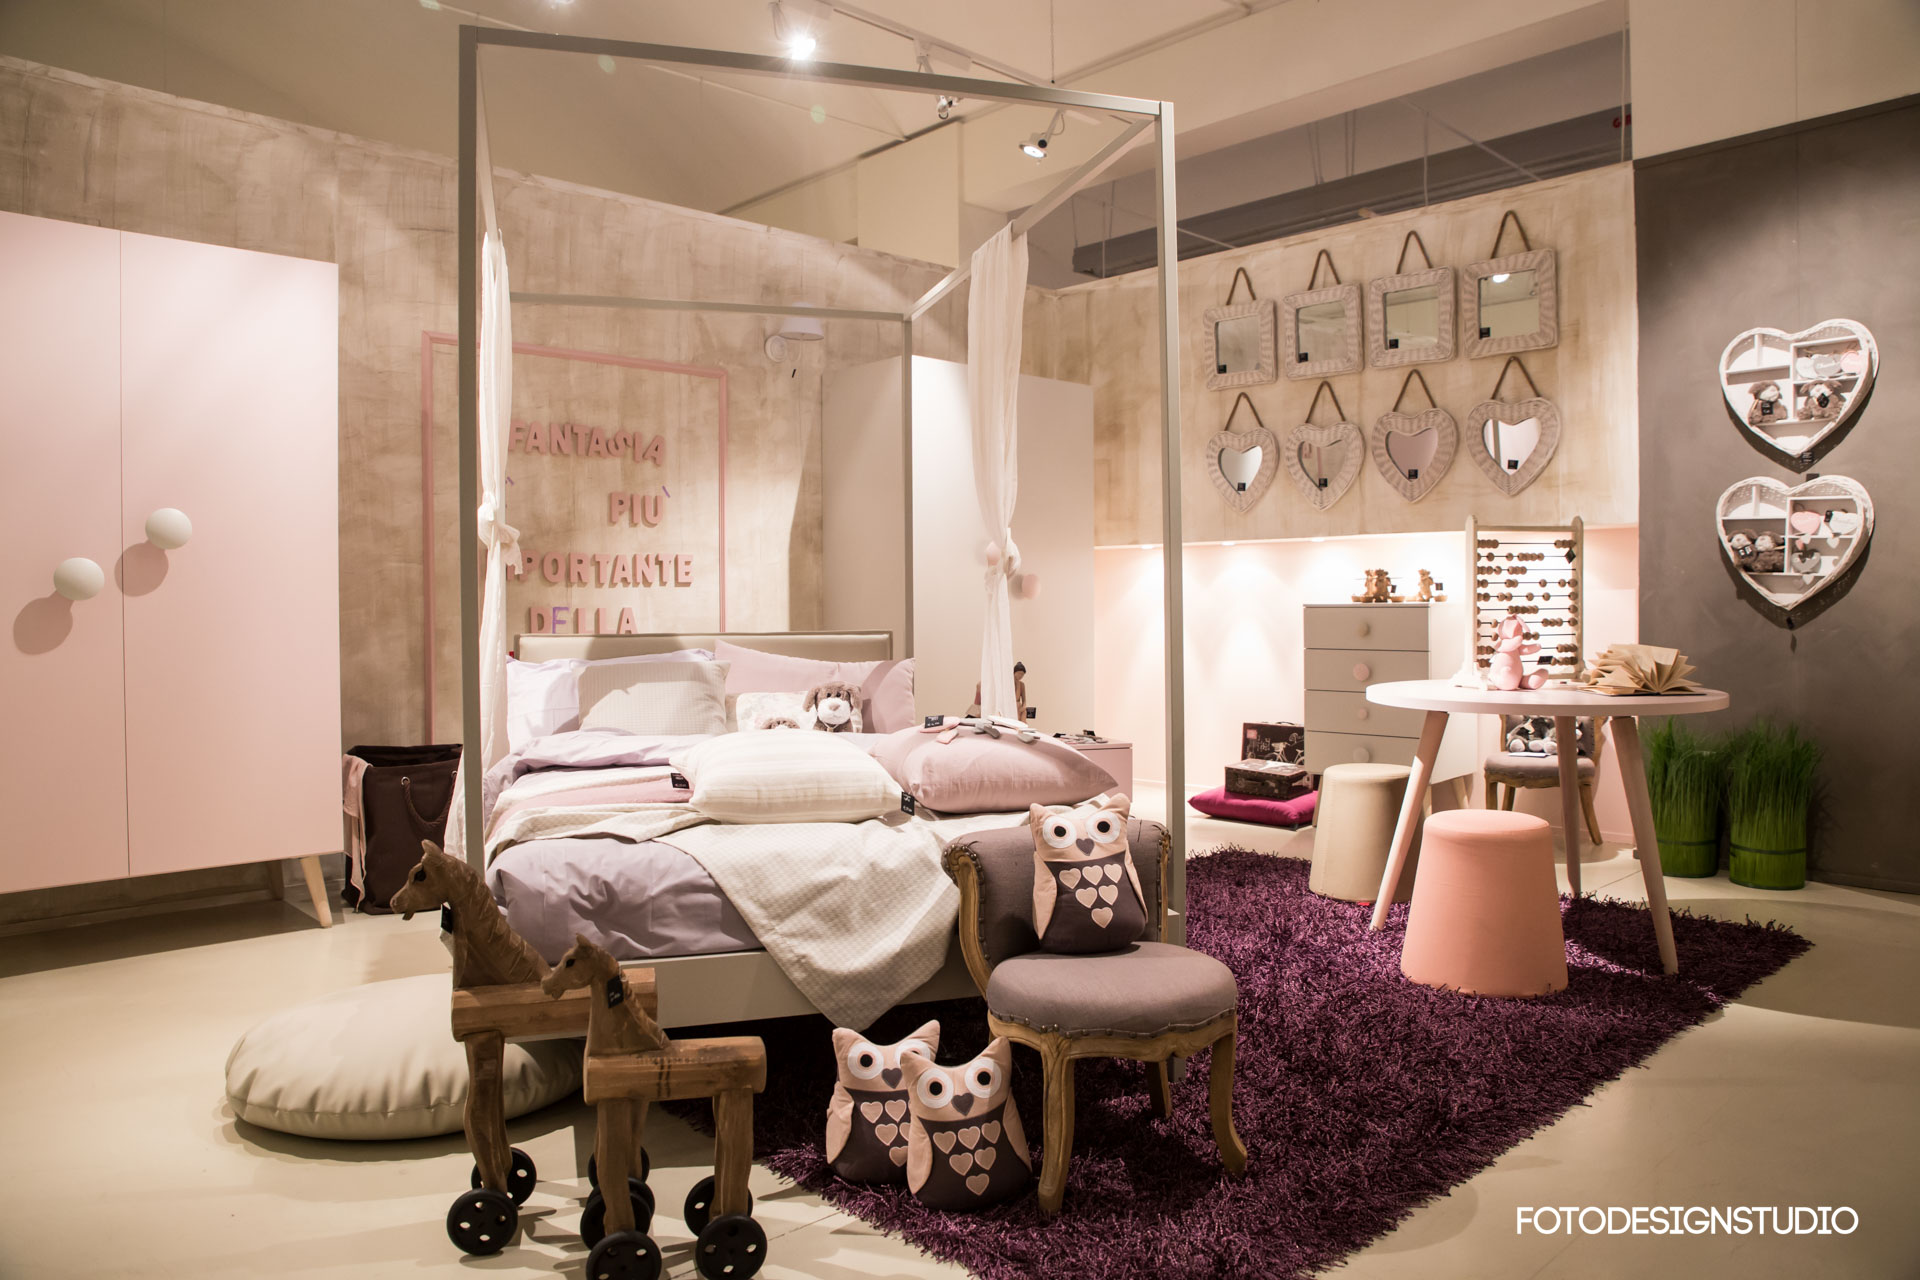 IDEA UNO ARREDA – Fotografia di interni